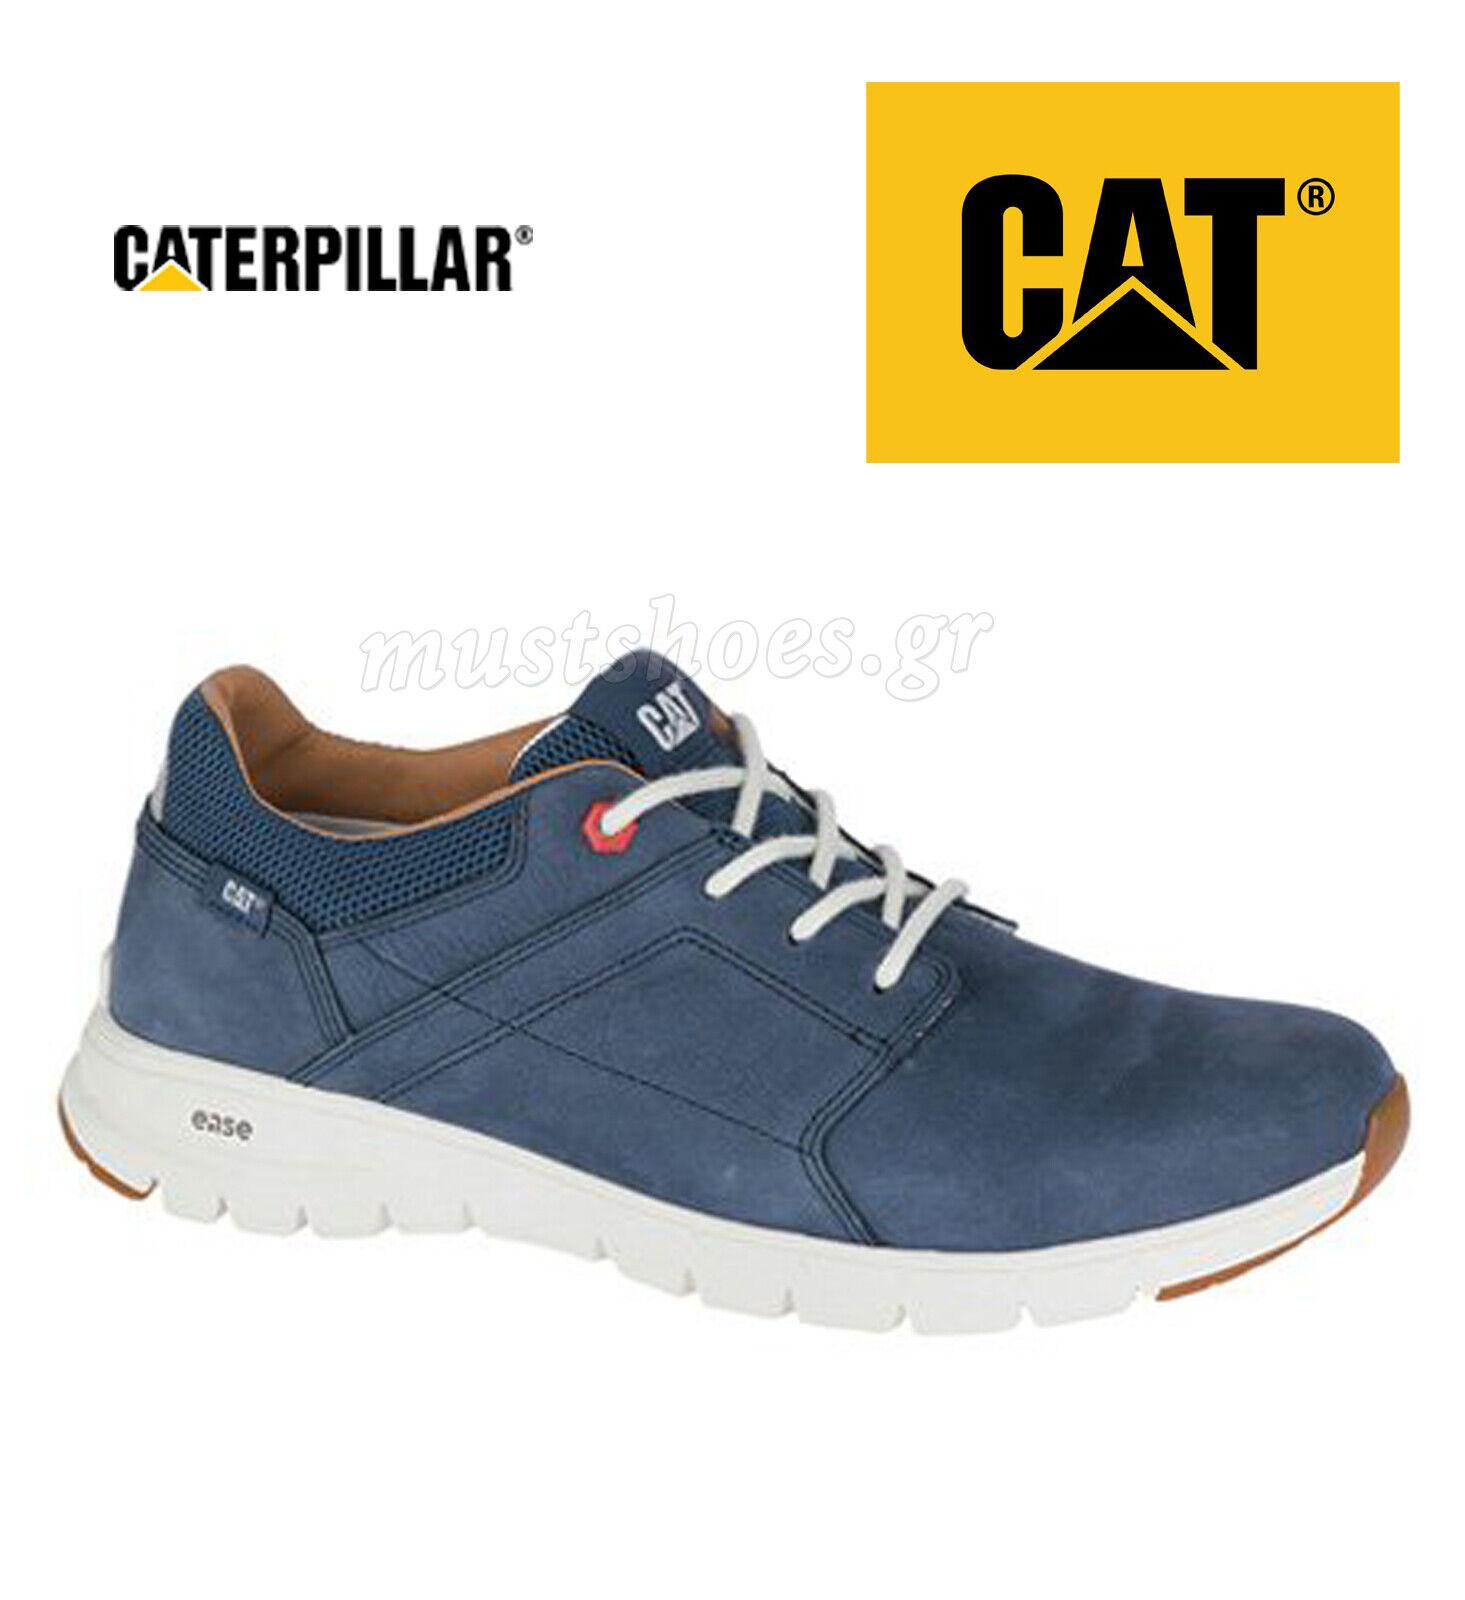 CATERPILLAR CAT 722307 TENET Azul Vaquero Oscuro Oscuro Oscuro 6109f8